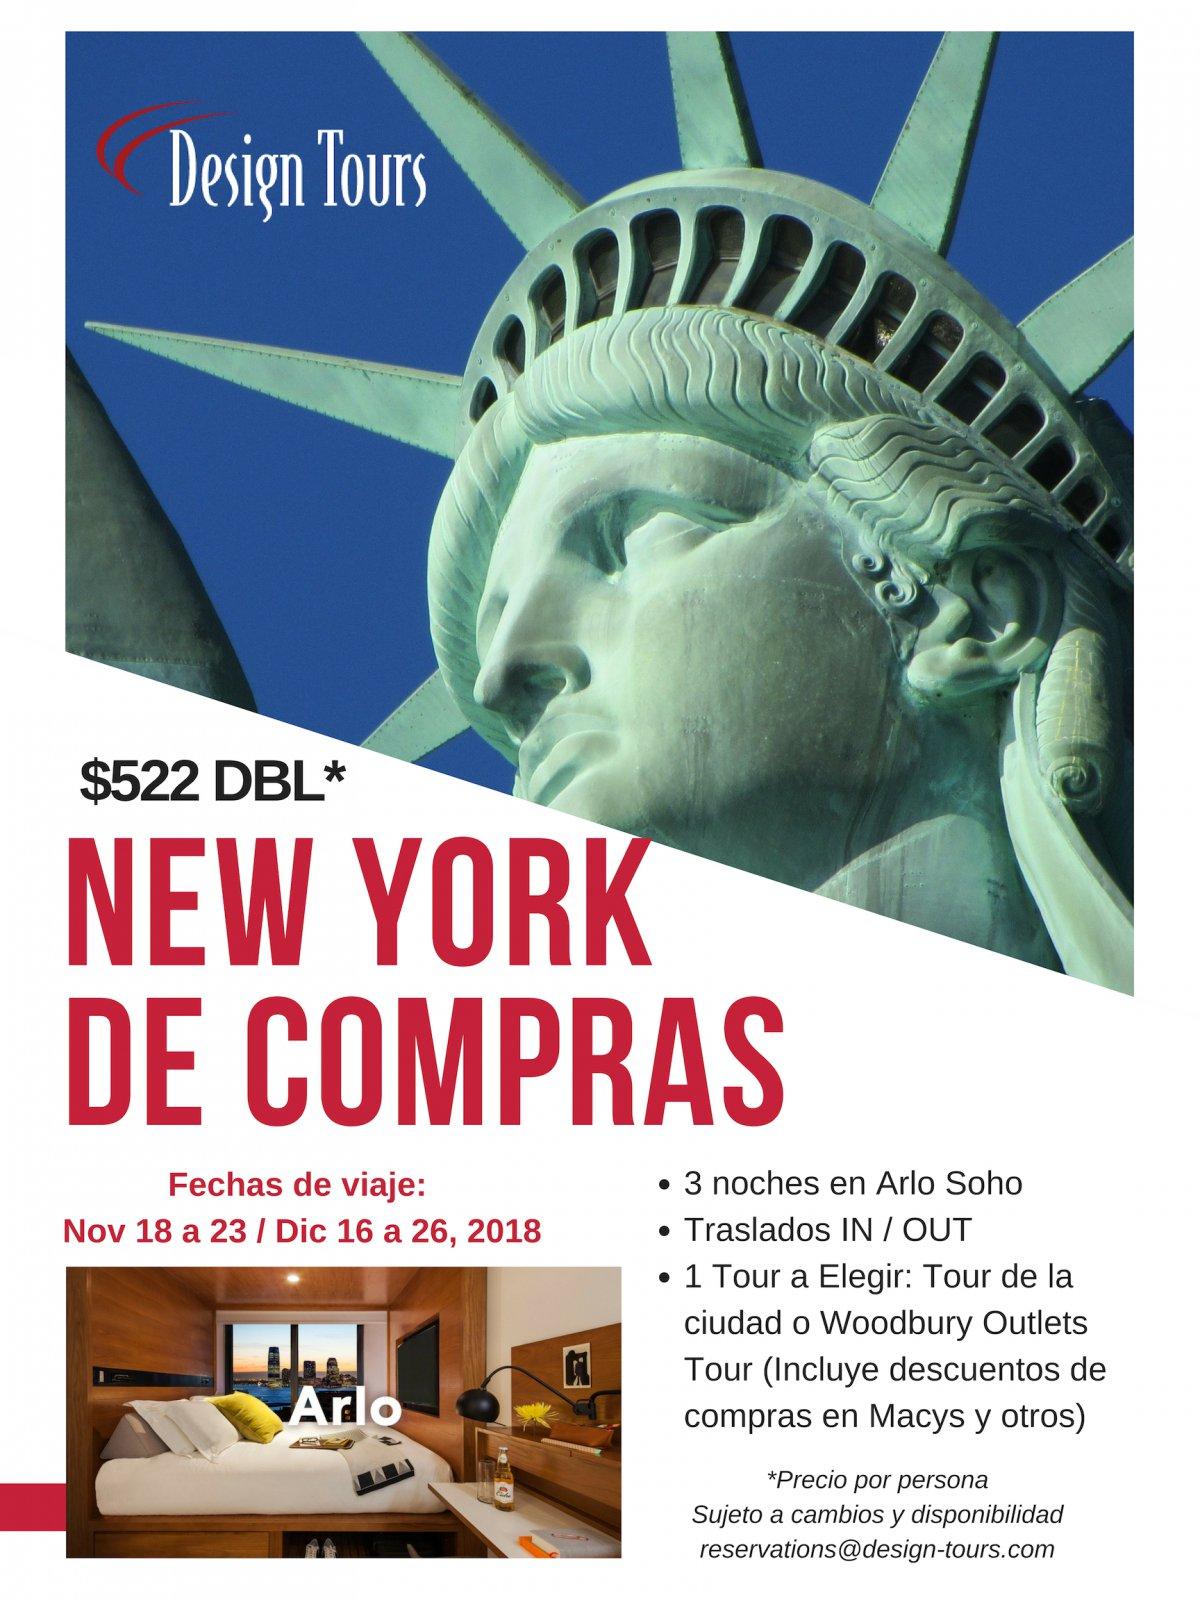 DE COMPRAS EN NEW YORK